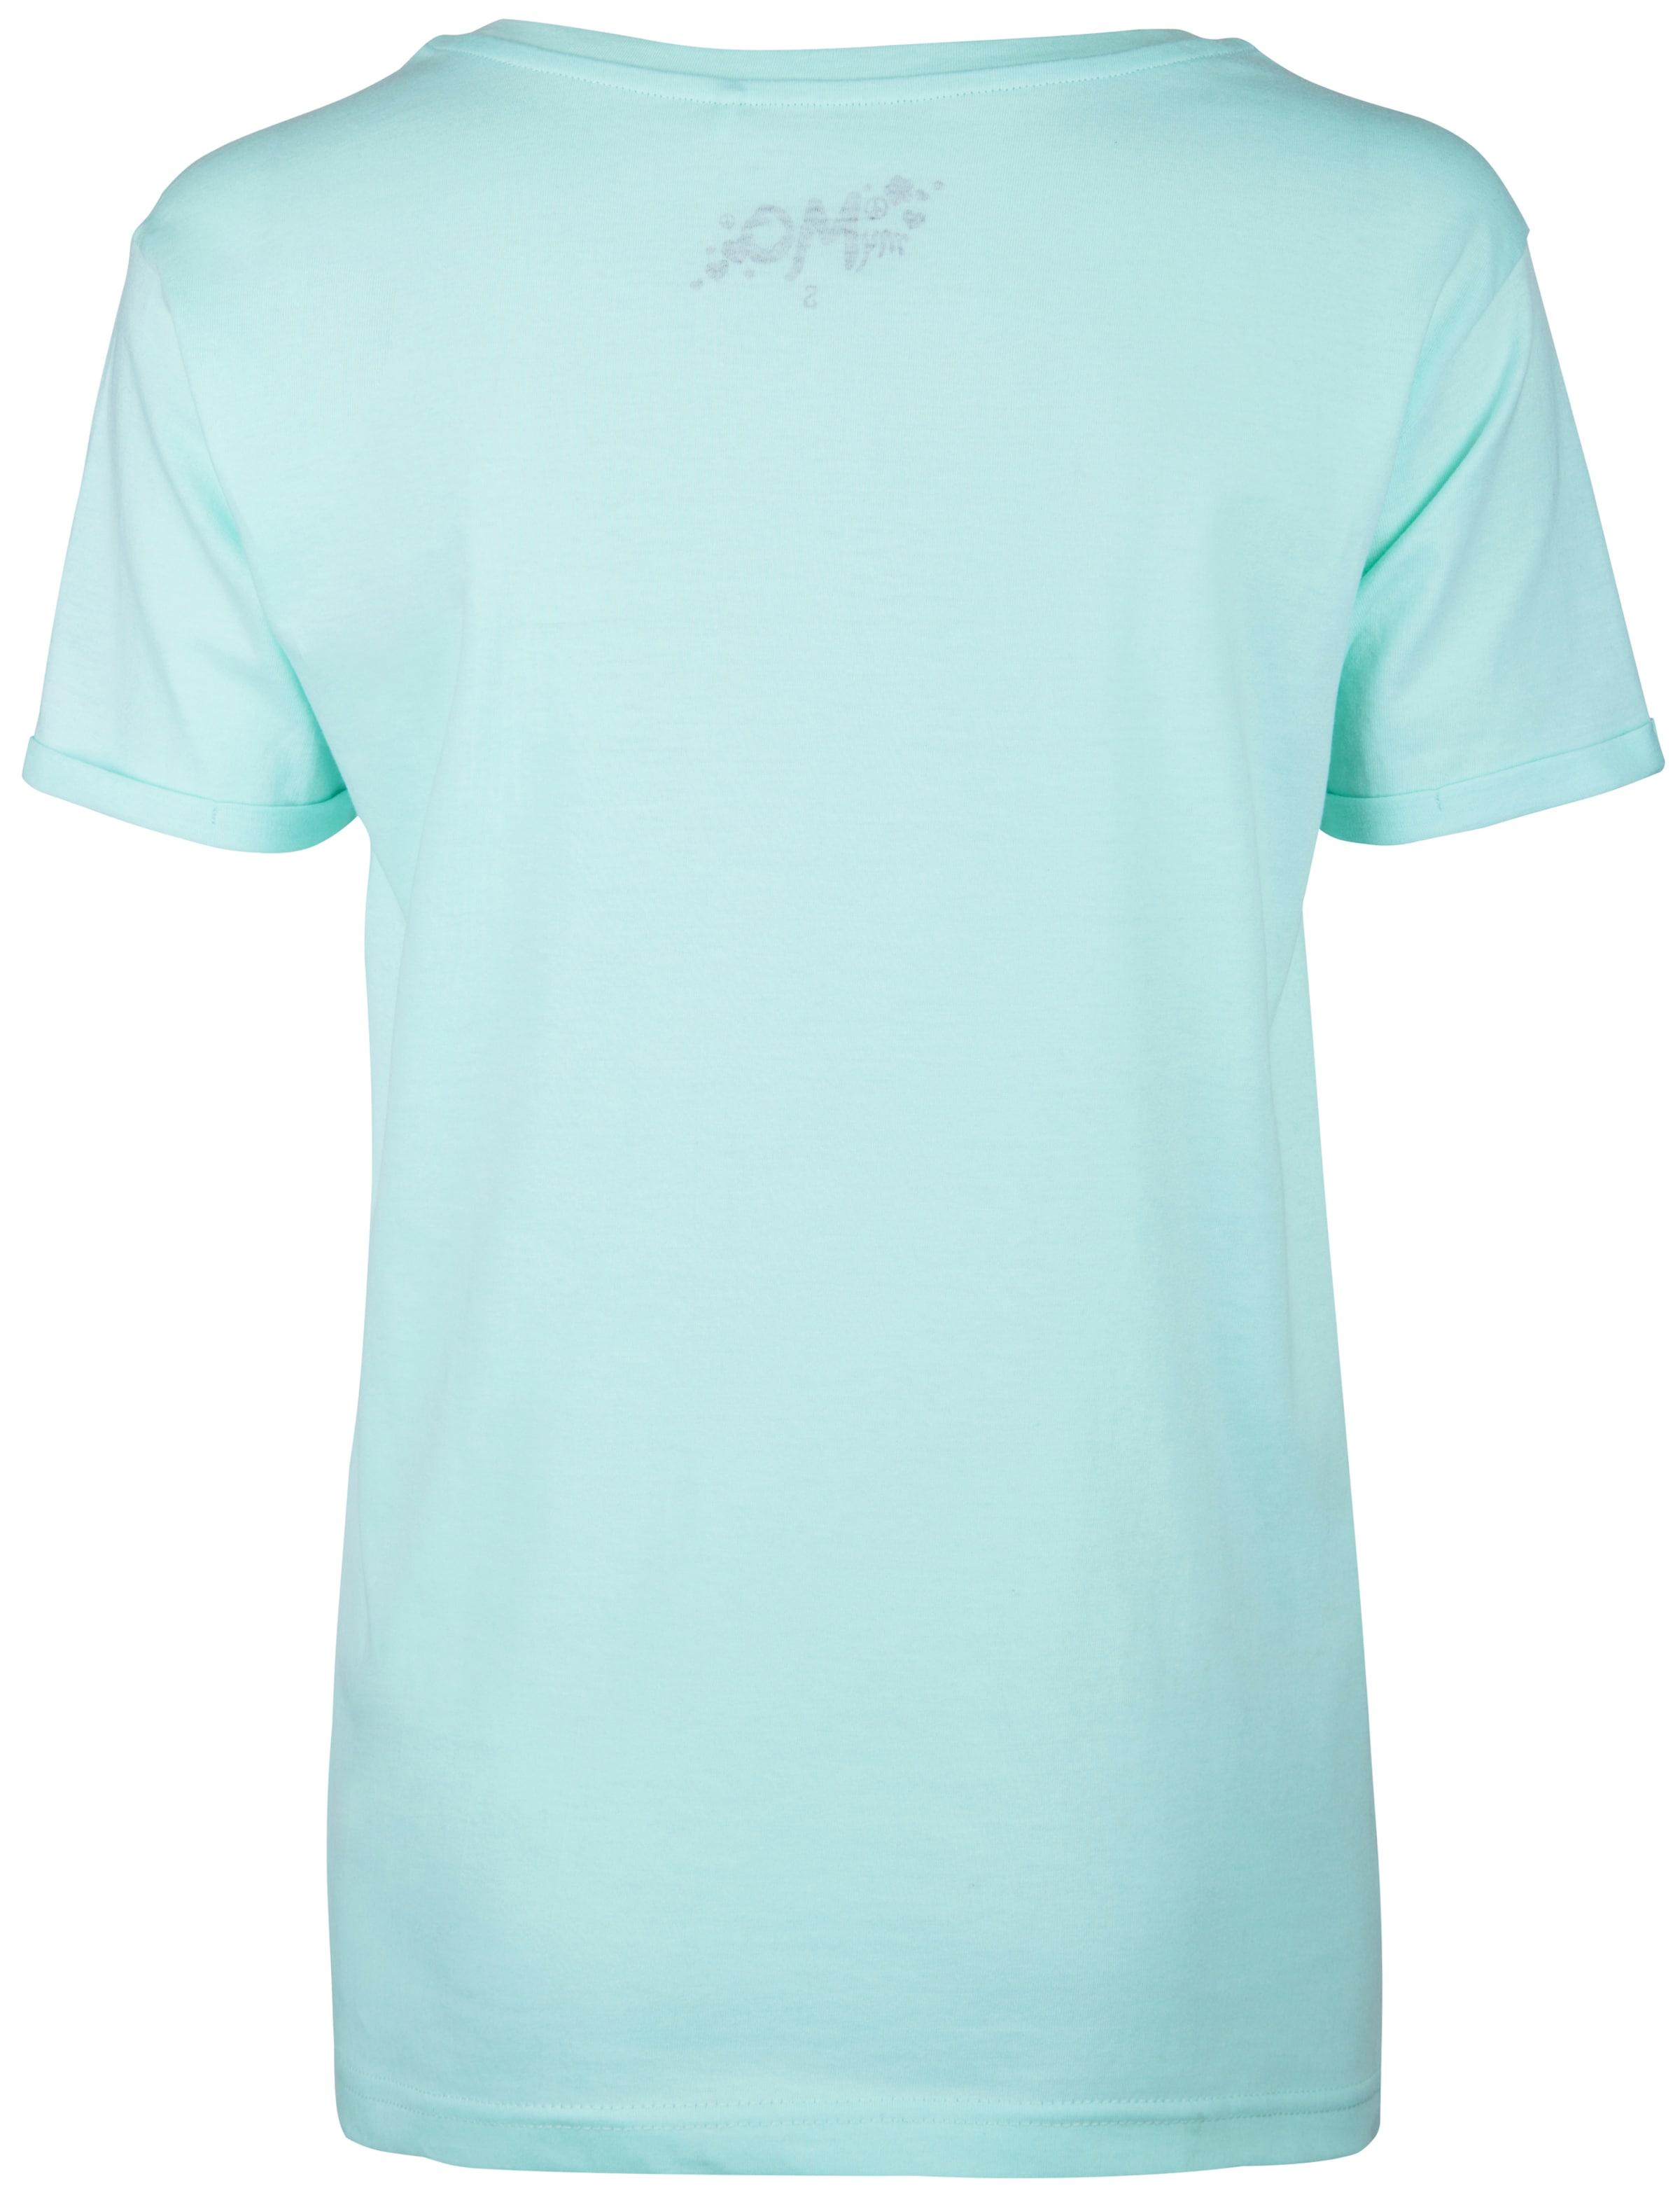 Mymo shirt T T Mymo Vert En 6vbfyIYg7